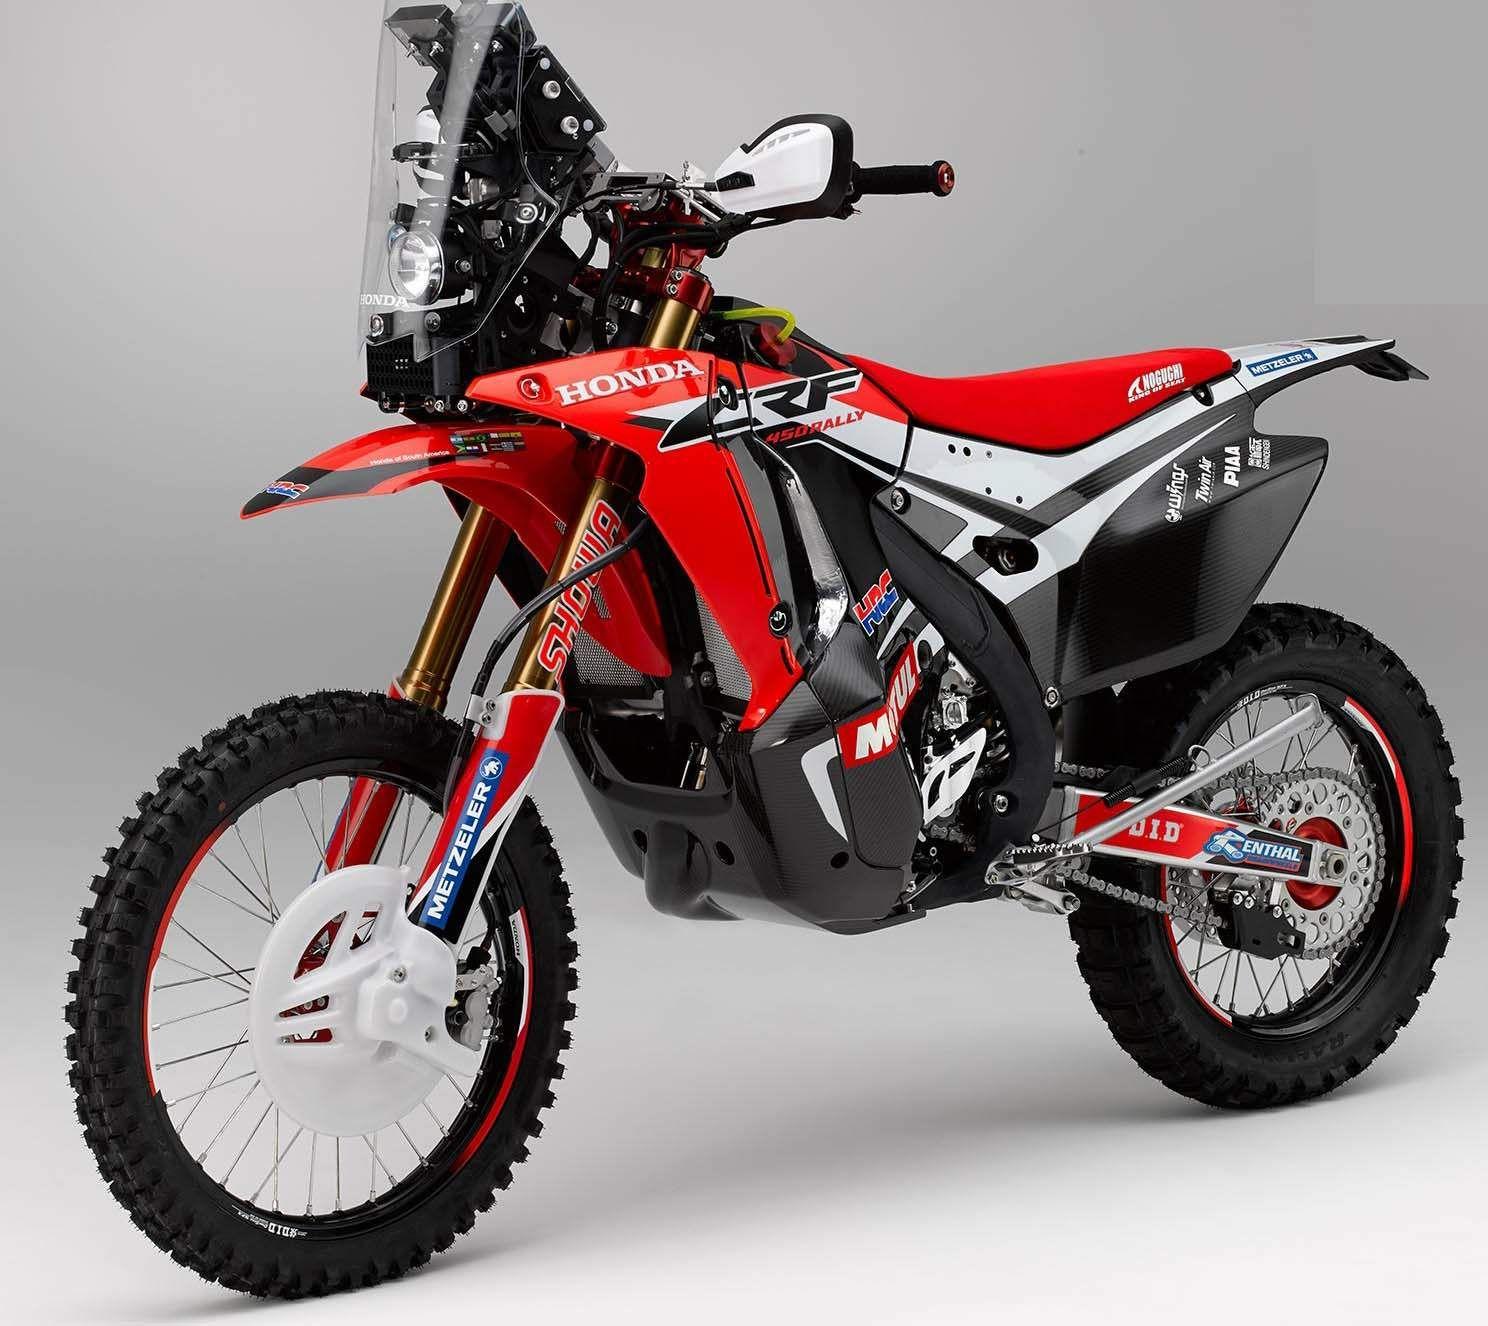 Honda CRF450X | Moto bikes | Pinterest | Honda, Rally and Dirt biking